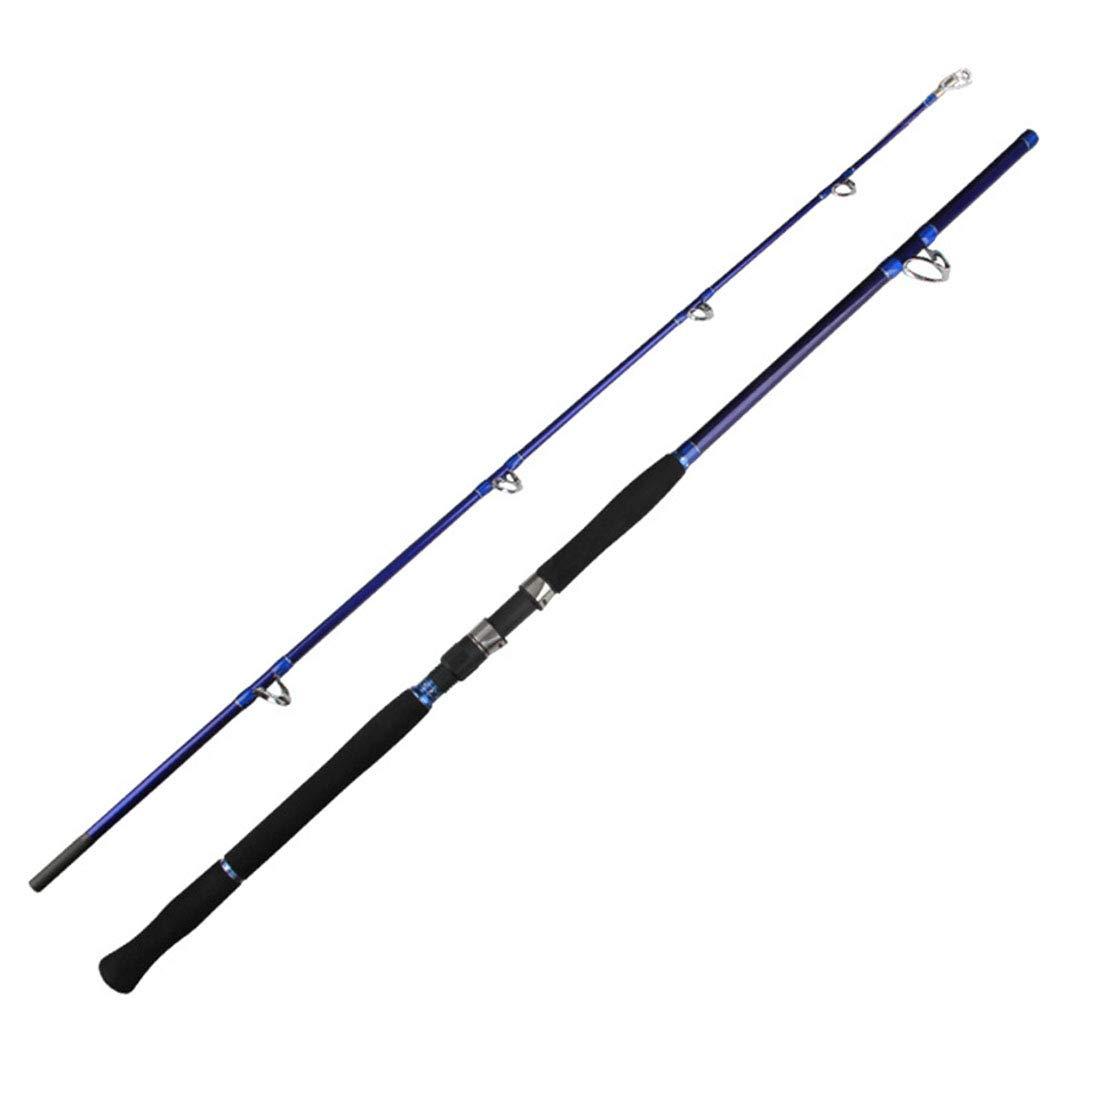 荒波が百貨店を使う 釣り竿釣り用品釣り竿炭素鋼棒適切な池リバーサイド 180cm  B07Q836B5Q